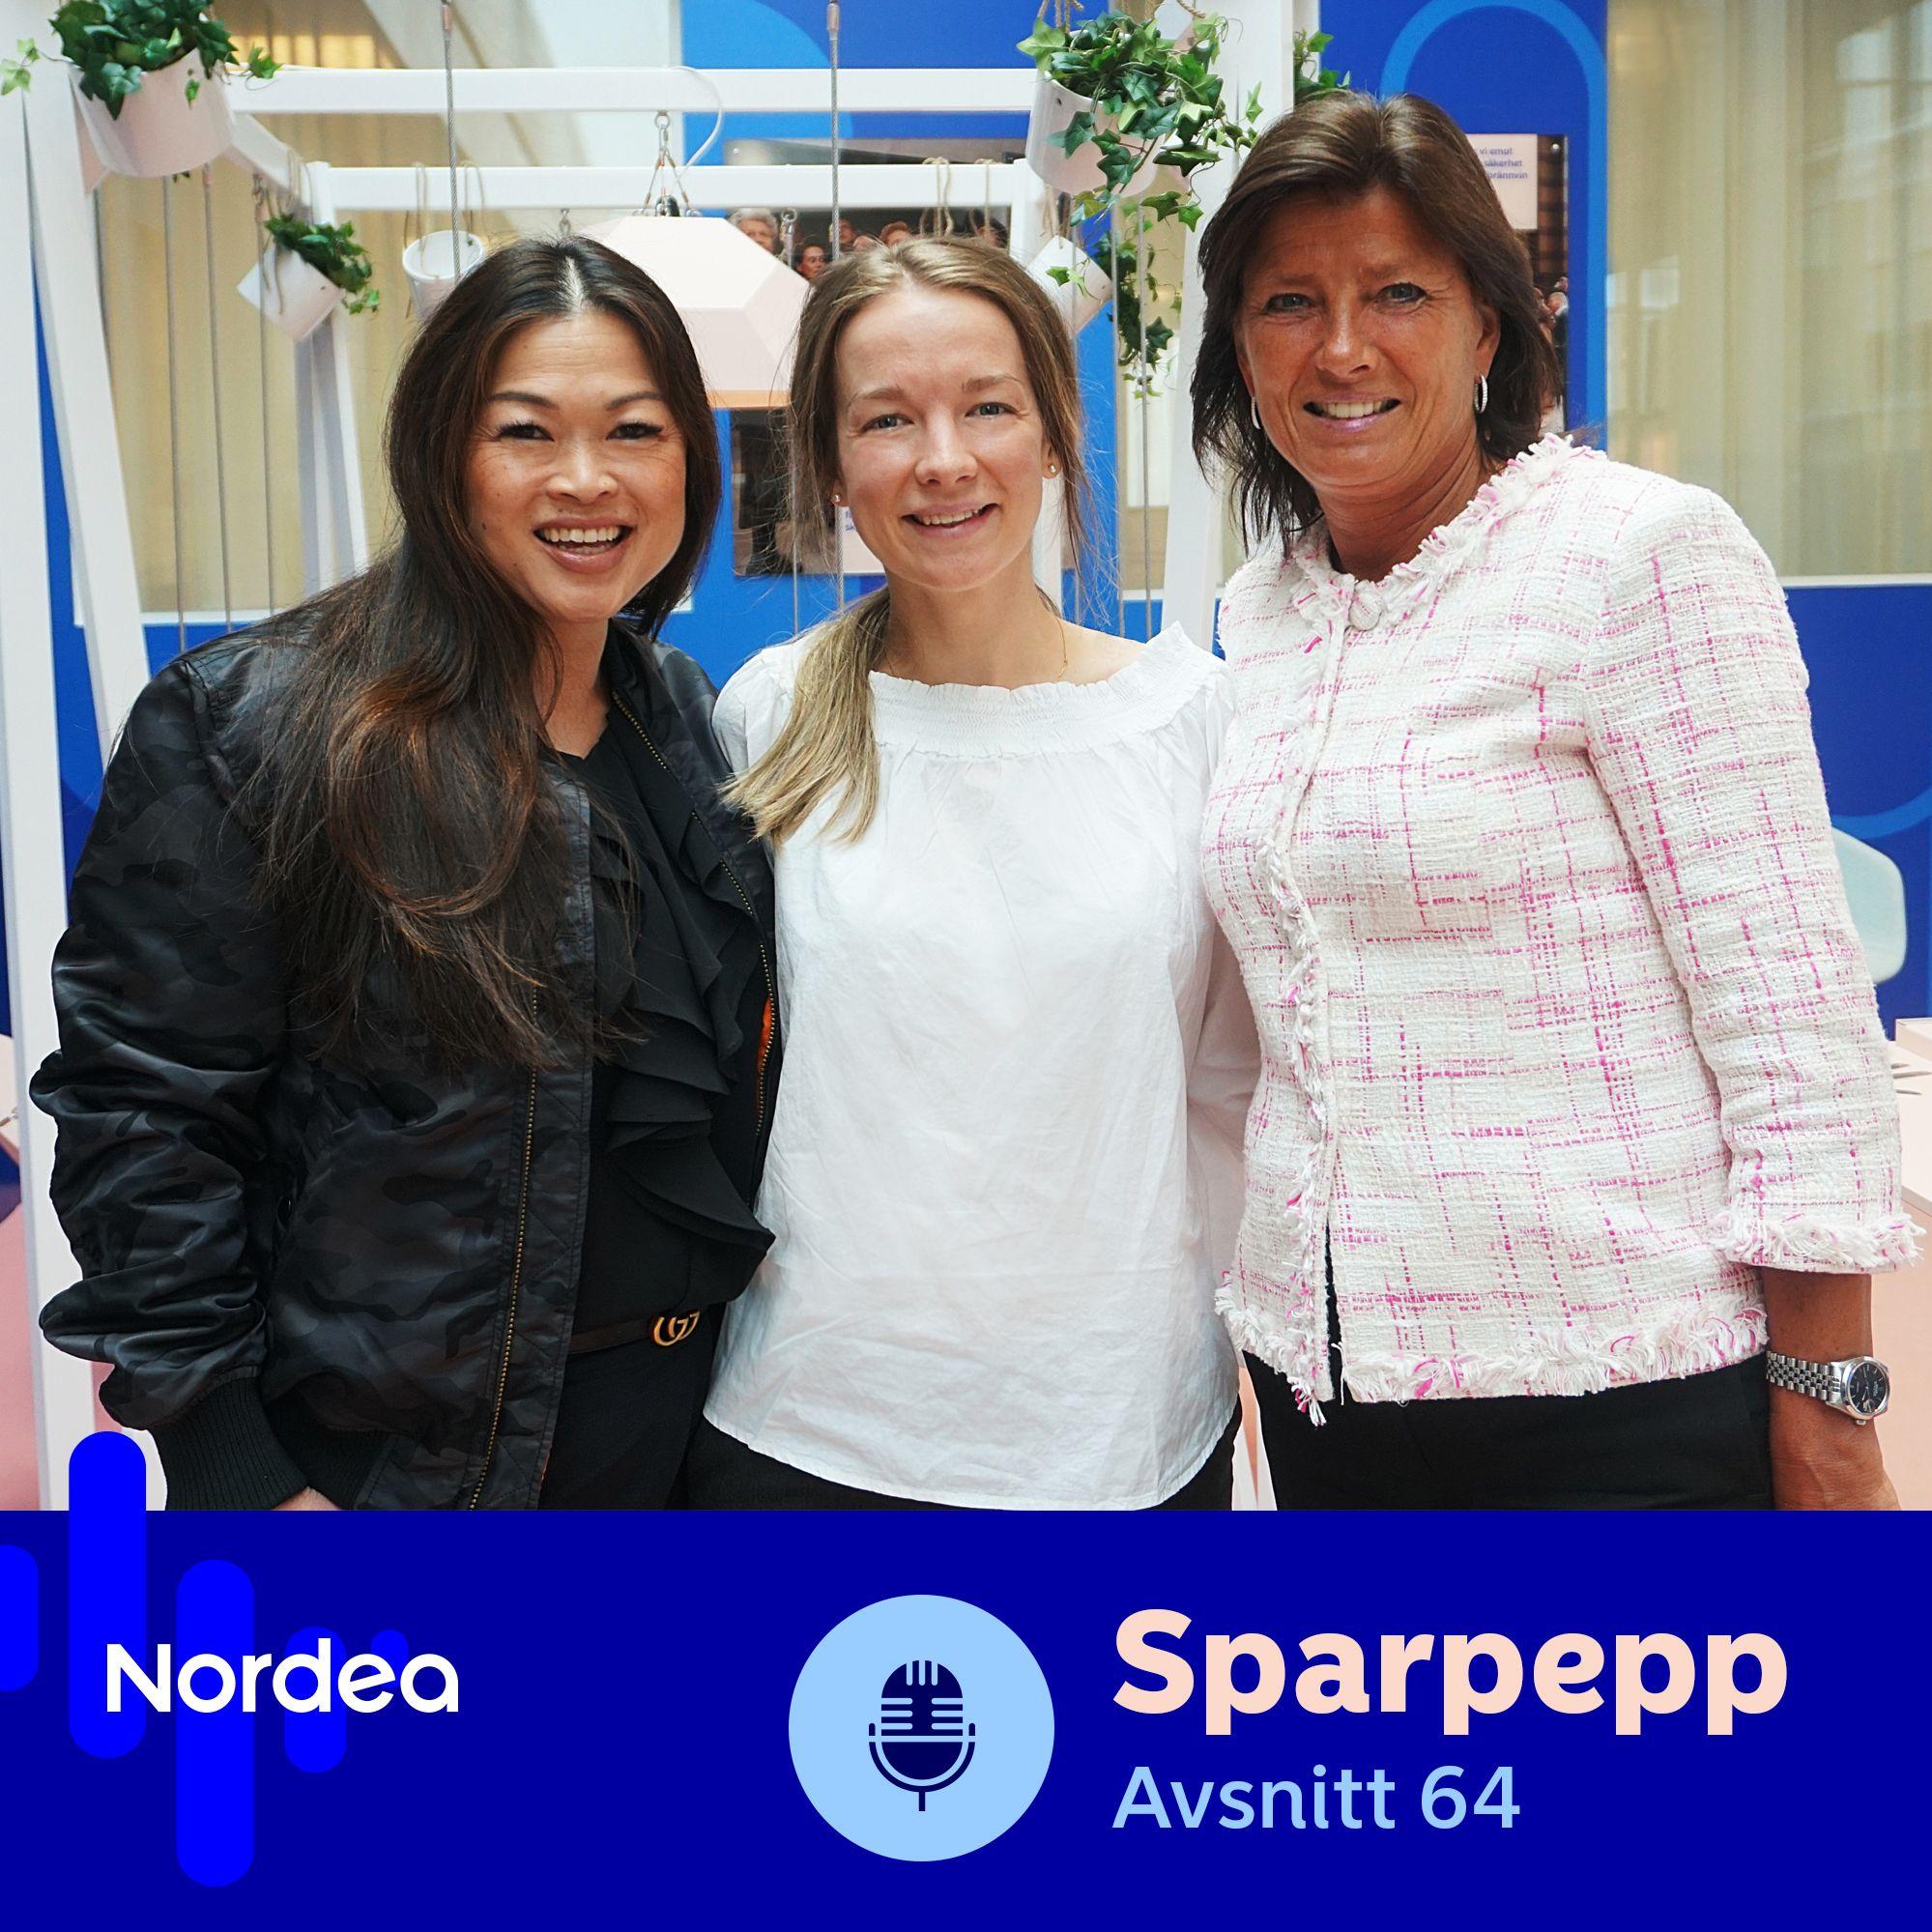 Nordea Sparpepp